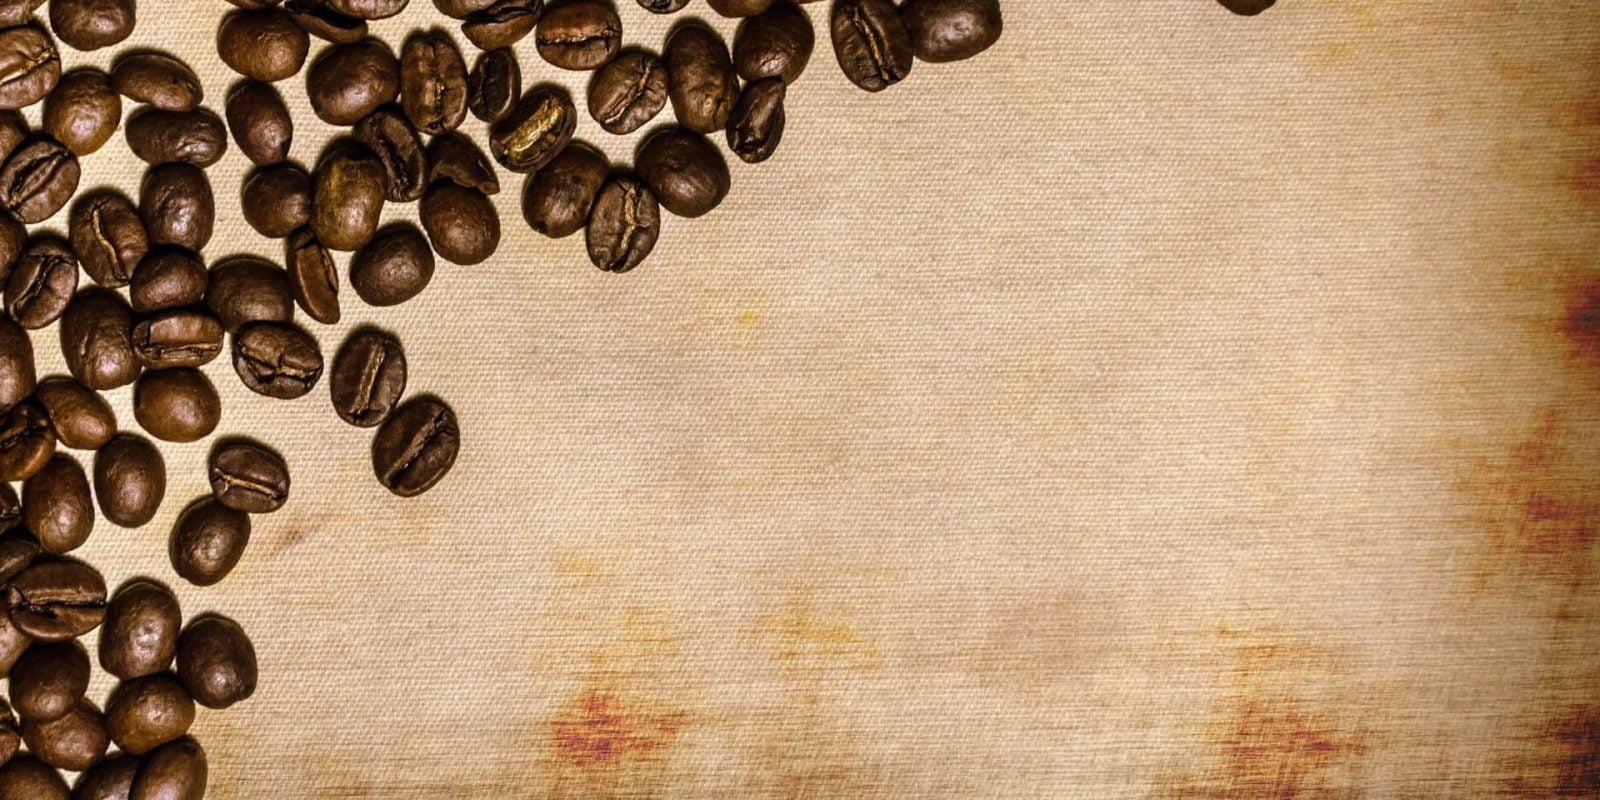 décaféiné sans solvant café décaféiné naturellement décaféiné à l'eau décaféiné bio